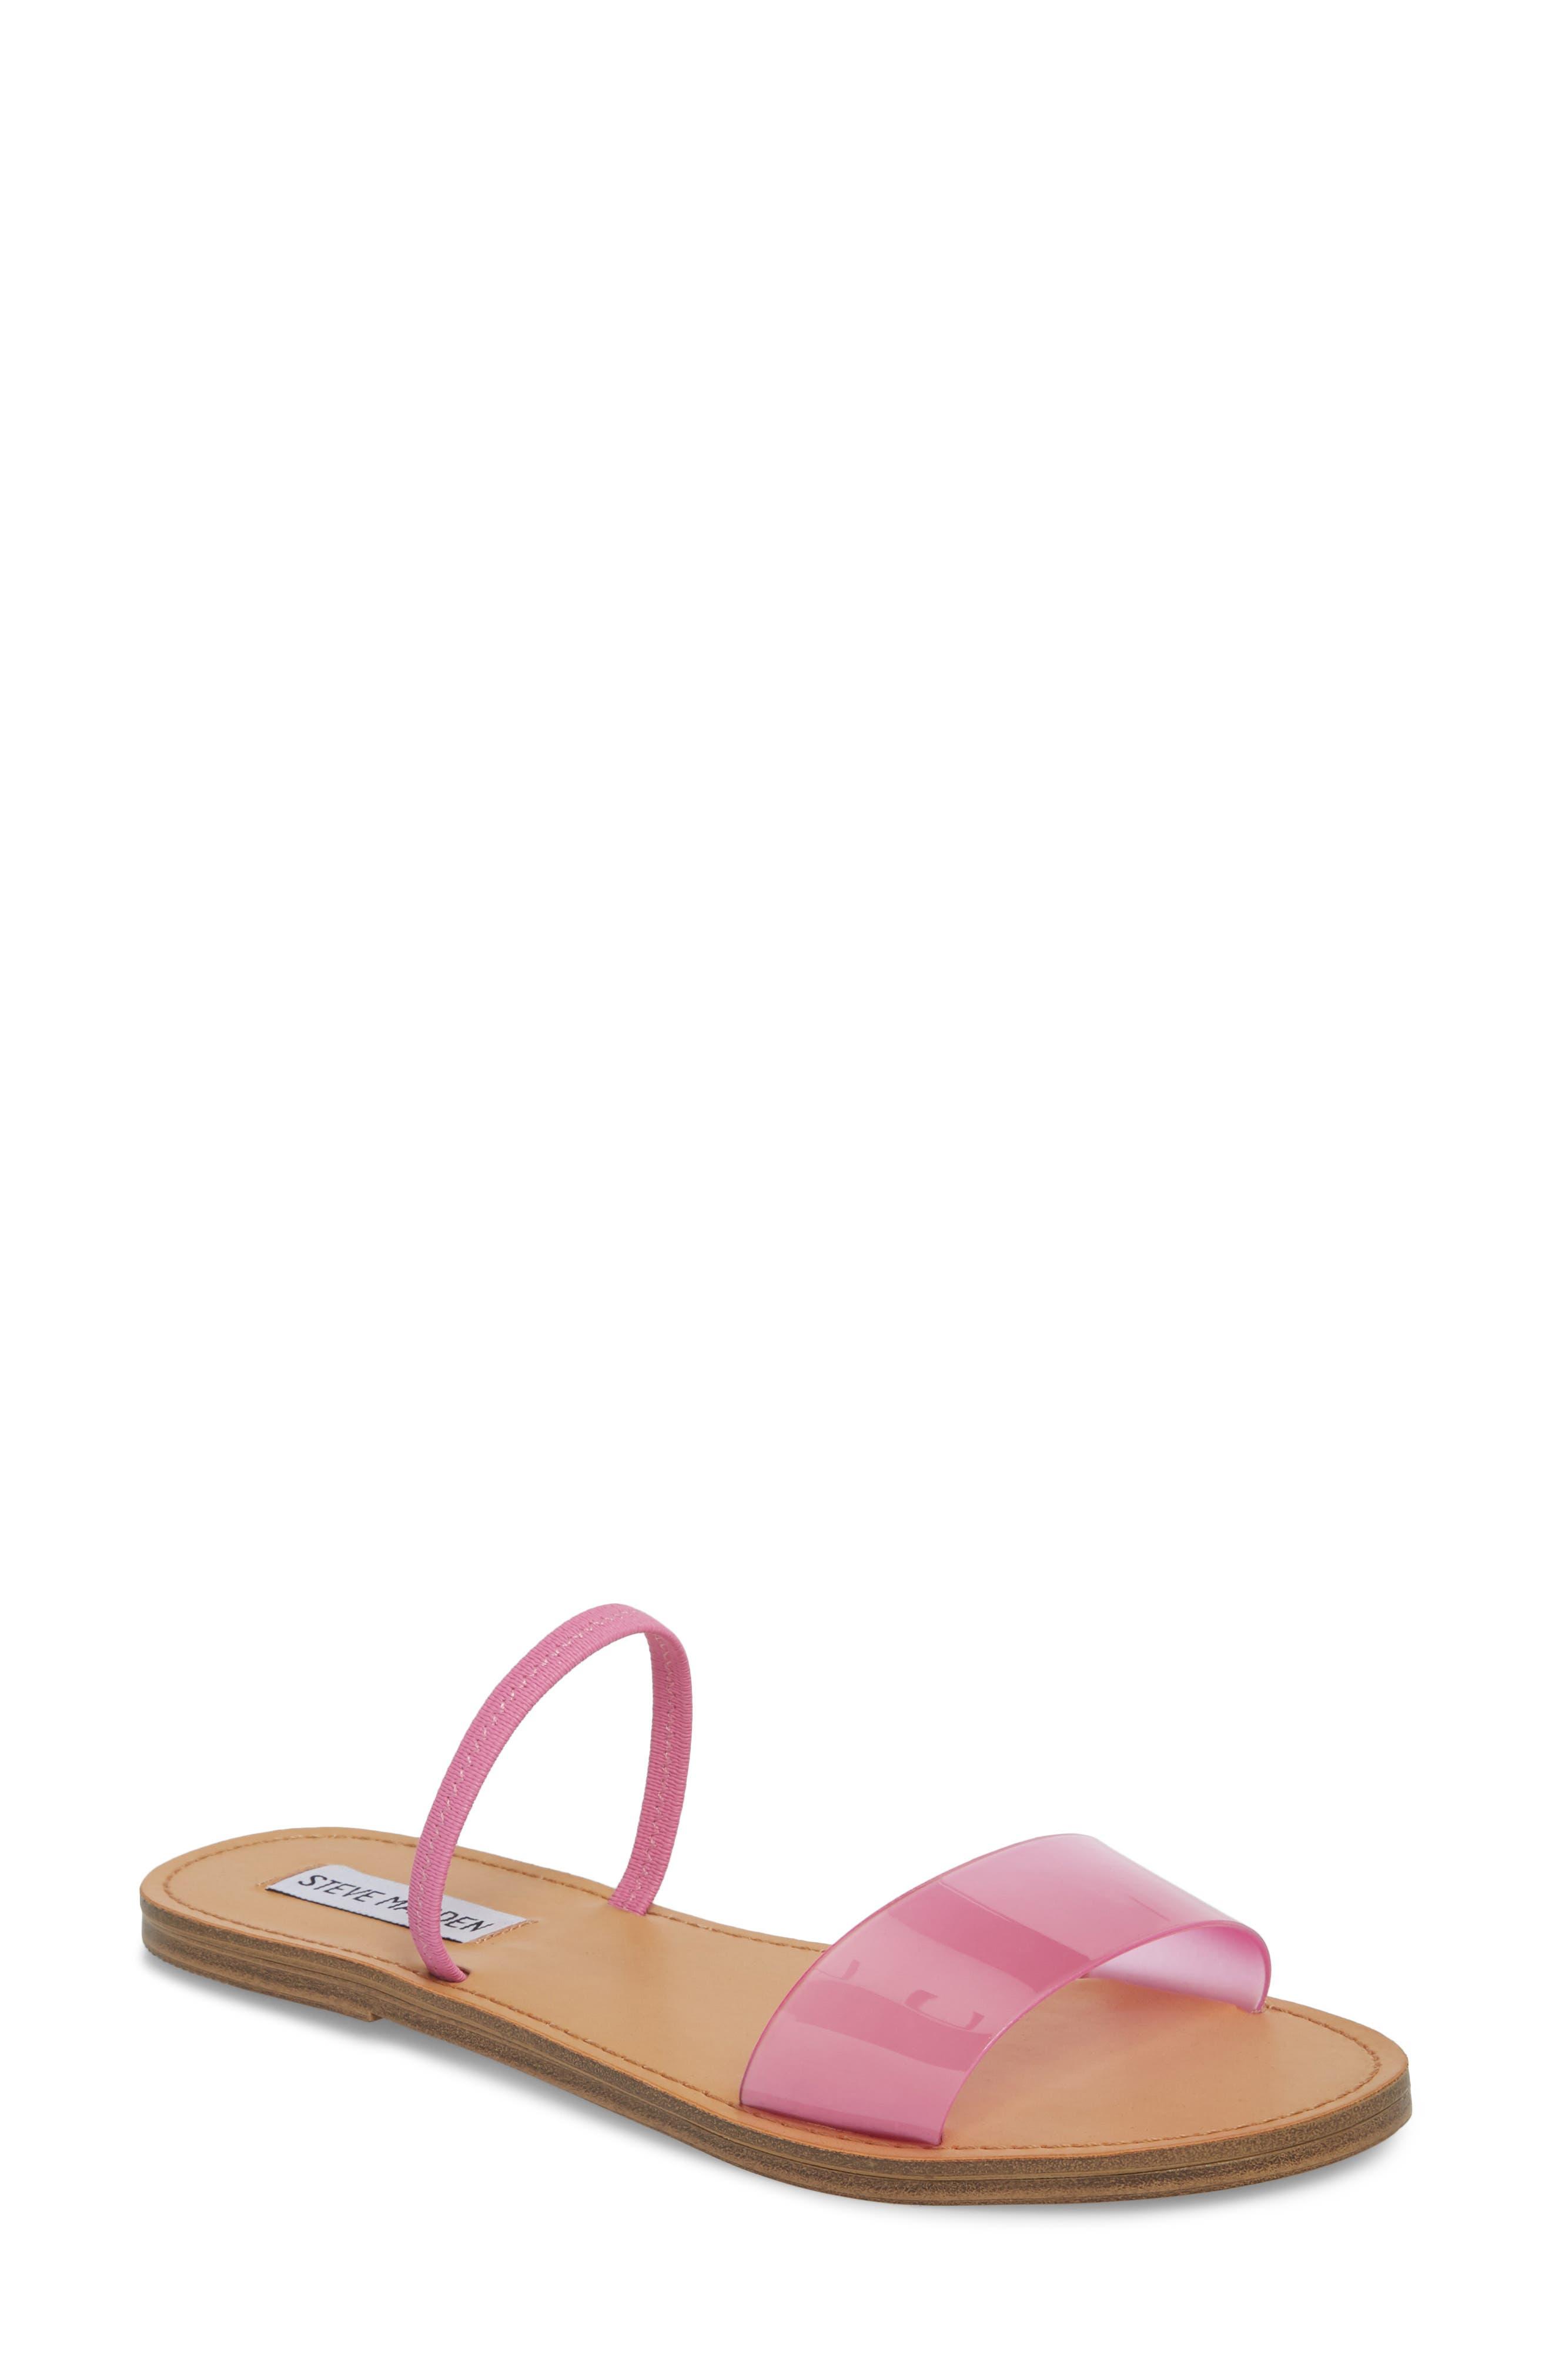 Alternate Image 1 Selected - Steve Madden Dasha Strappy Slide Sandal (Women)